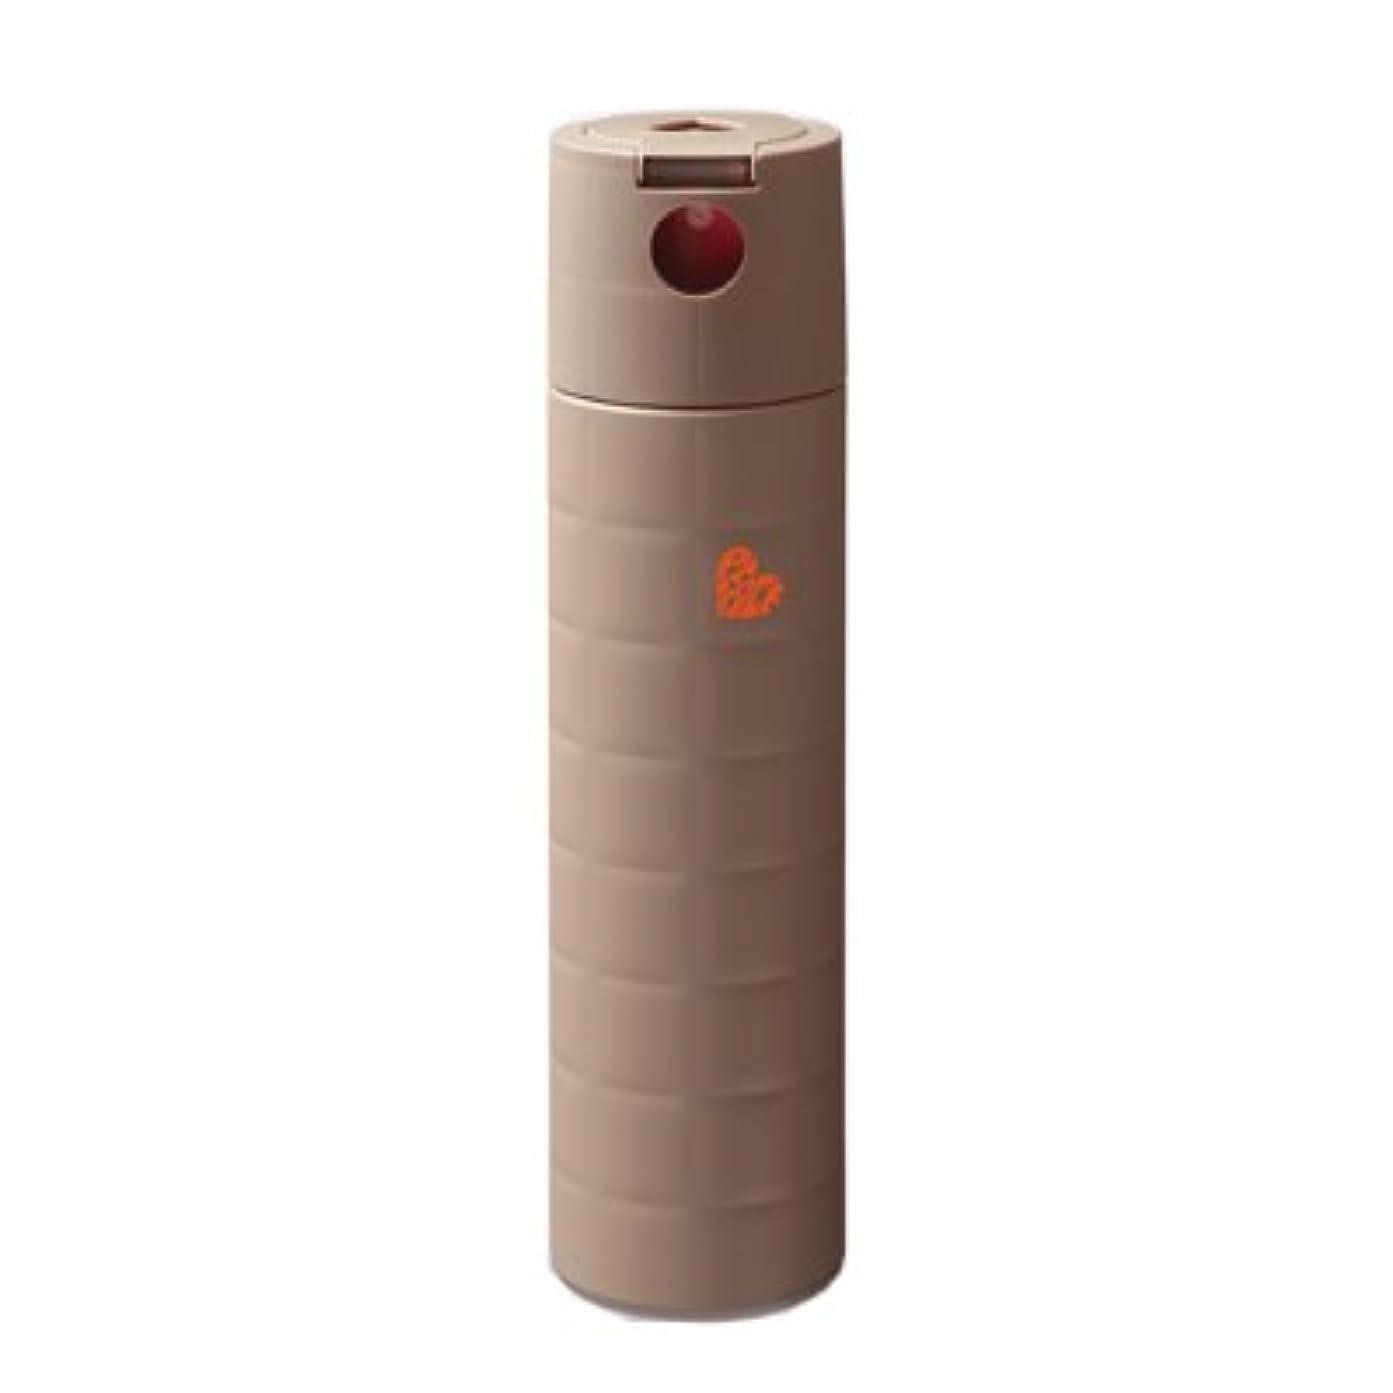 統合仮称フェローシップアリミノ ピース ワックスspray カフェオレ 143g(200ml) スプレーライン ARIMINO PEACE